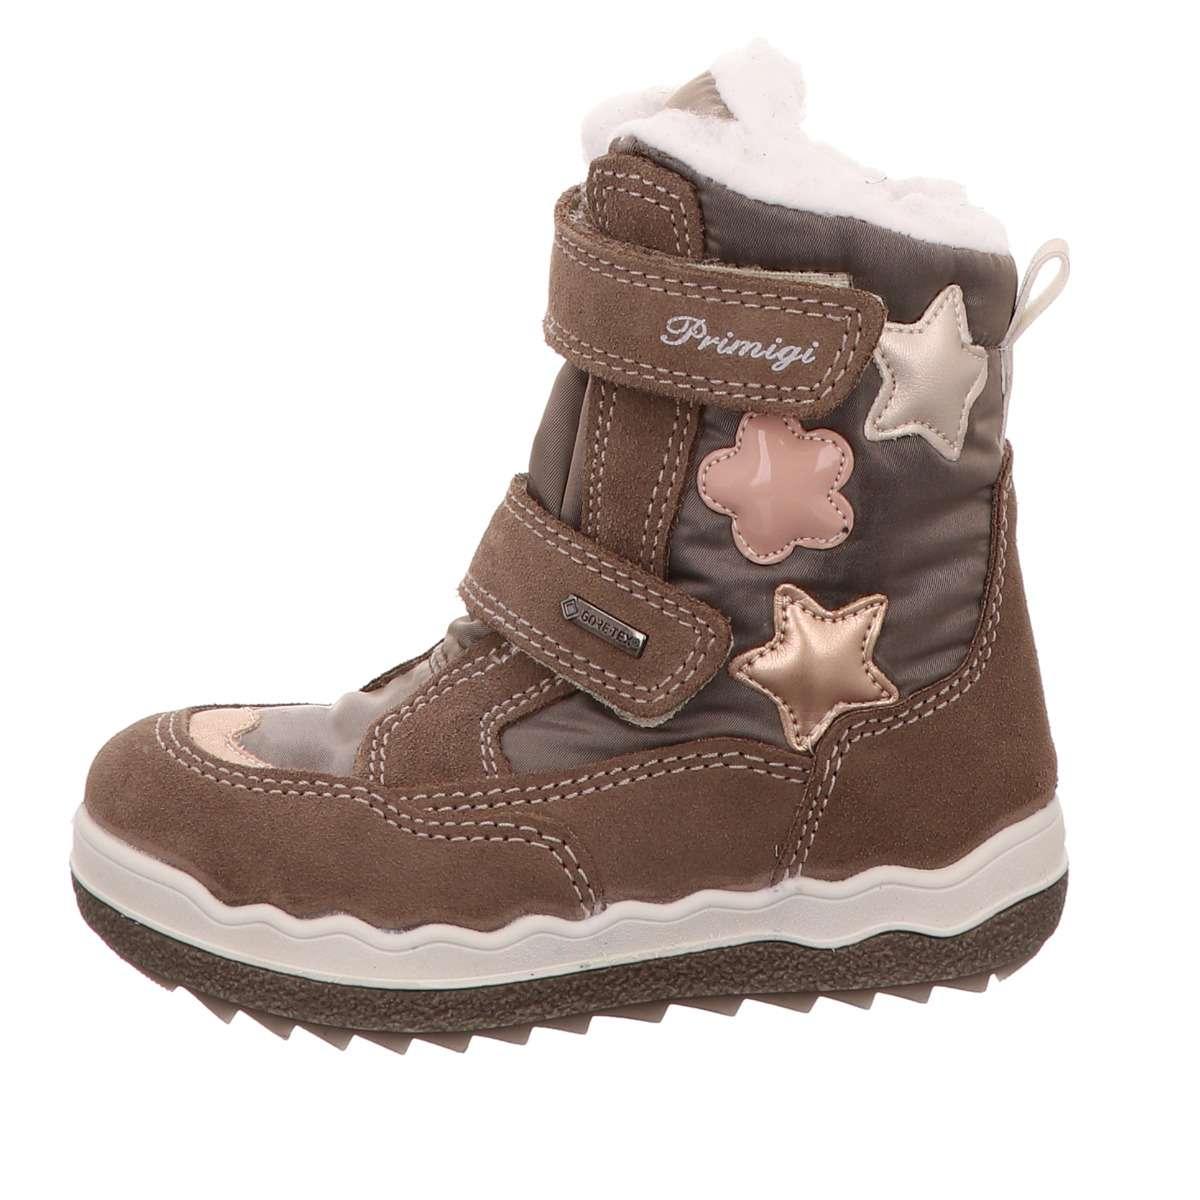 Details zu Primigi Goretex Halbschuhe Boots Schuhe Klettverschluß Gore Tex schwarz Gr 30